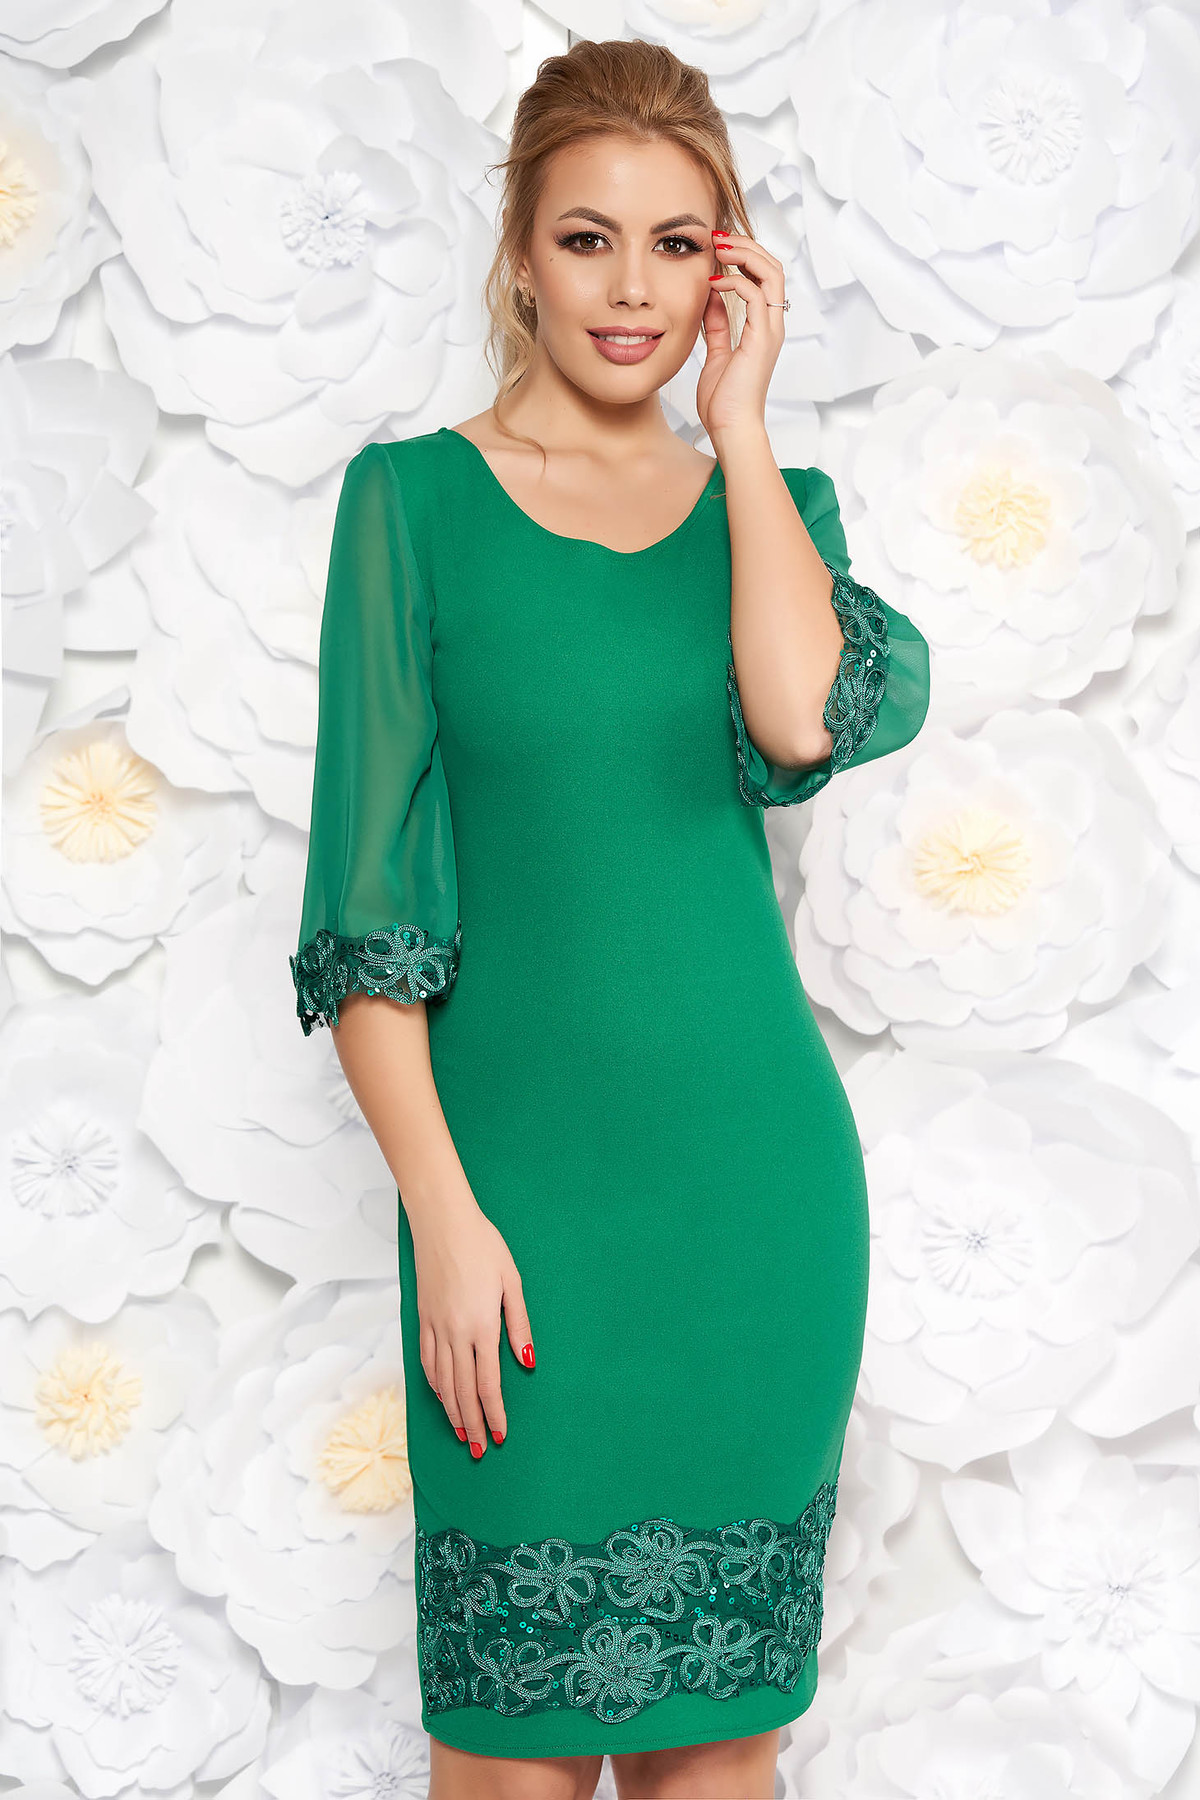 3e8d9cd470 Zöld elegáns midi ceruza ruha flitteres díszítés enyhén rugalmas anyag